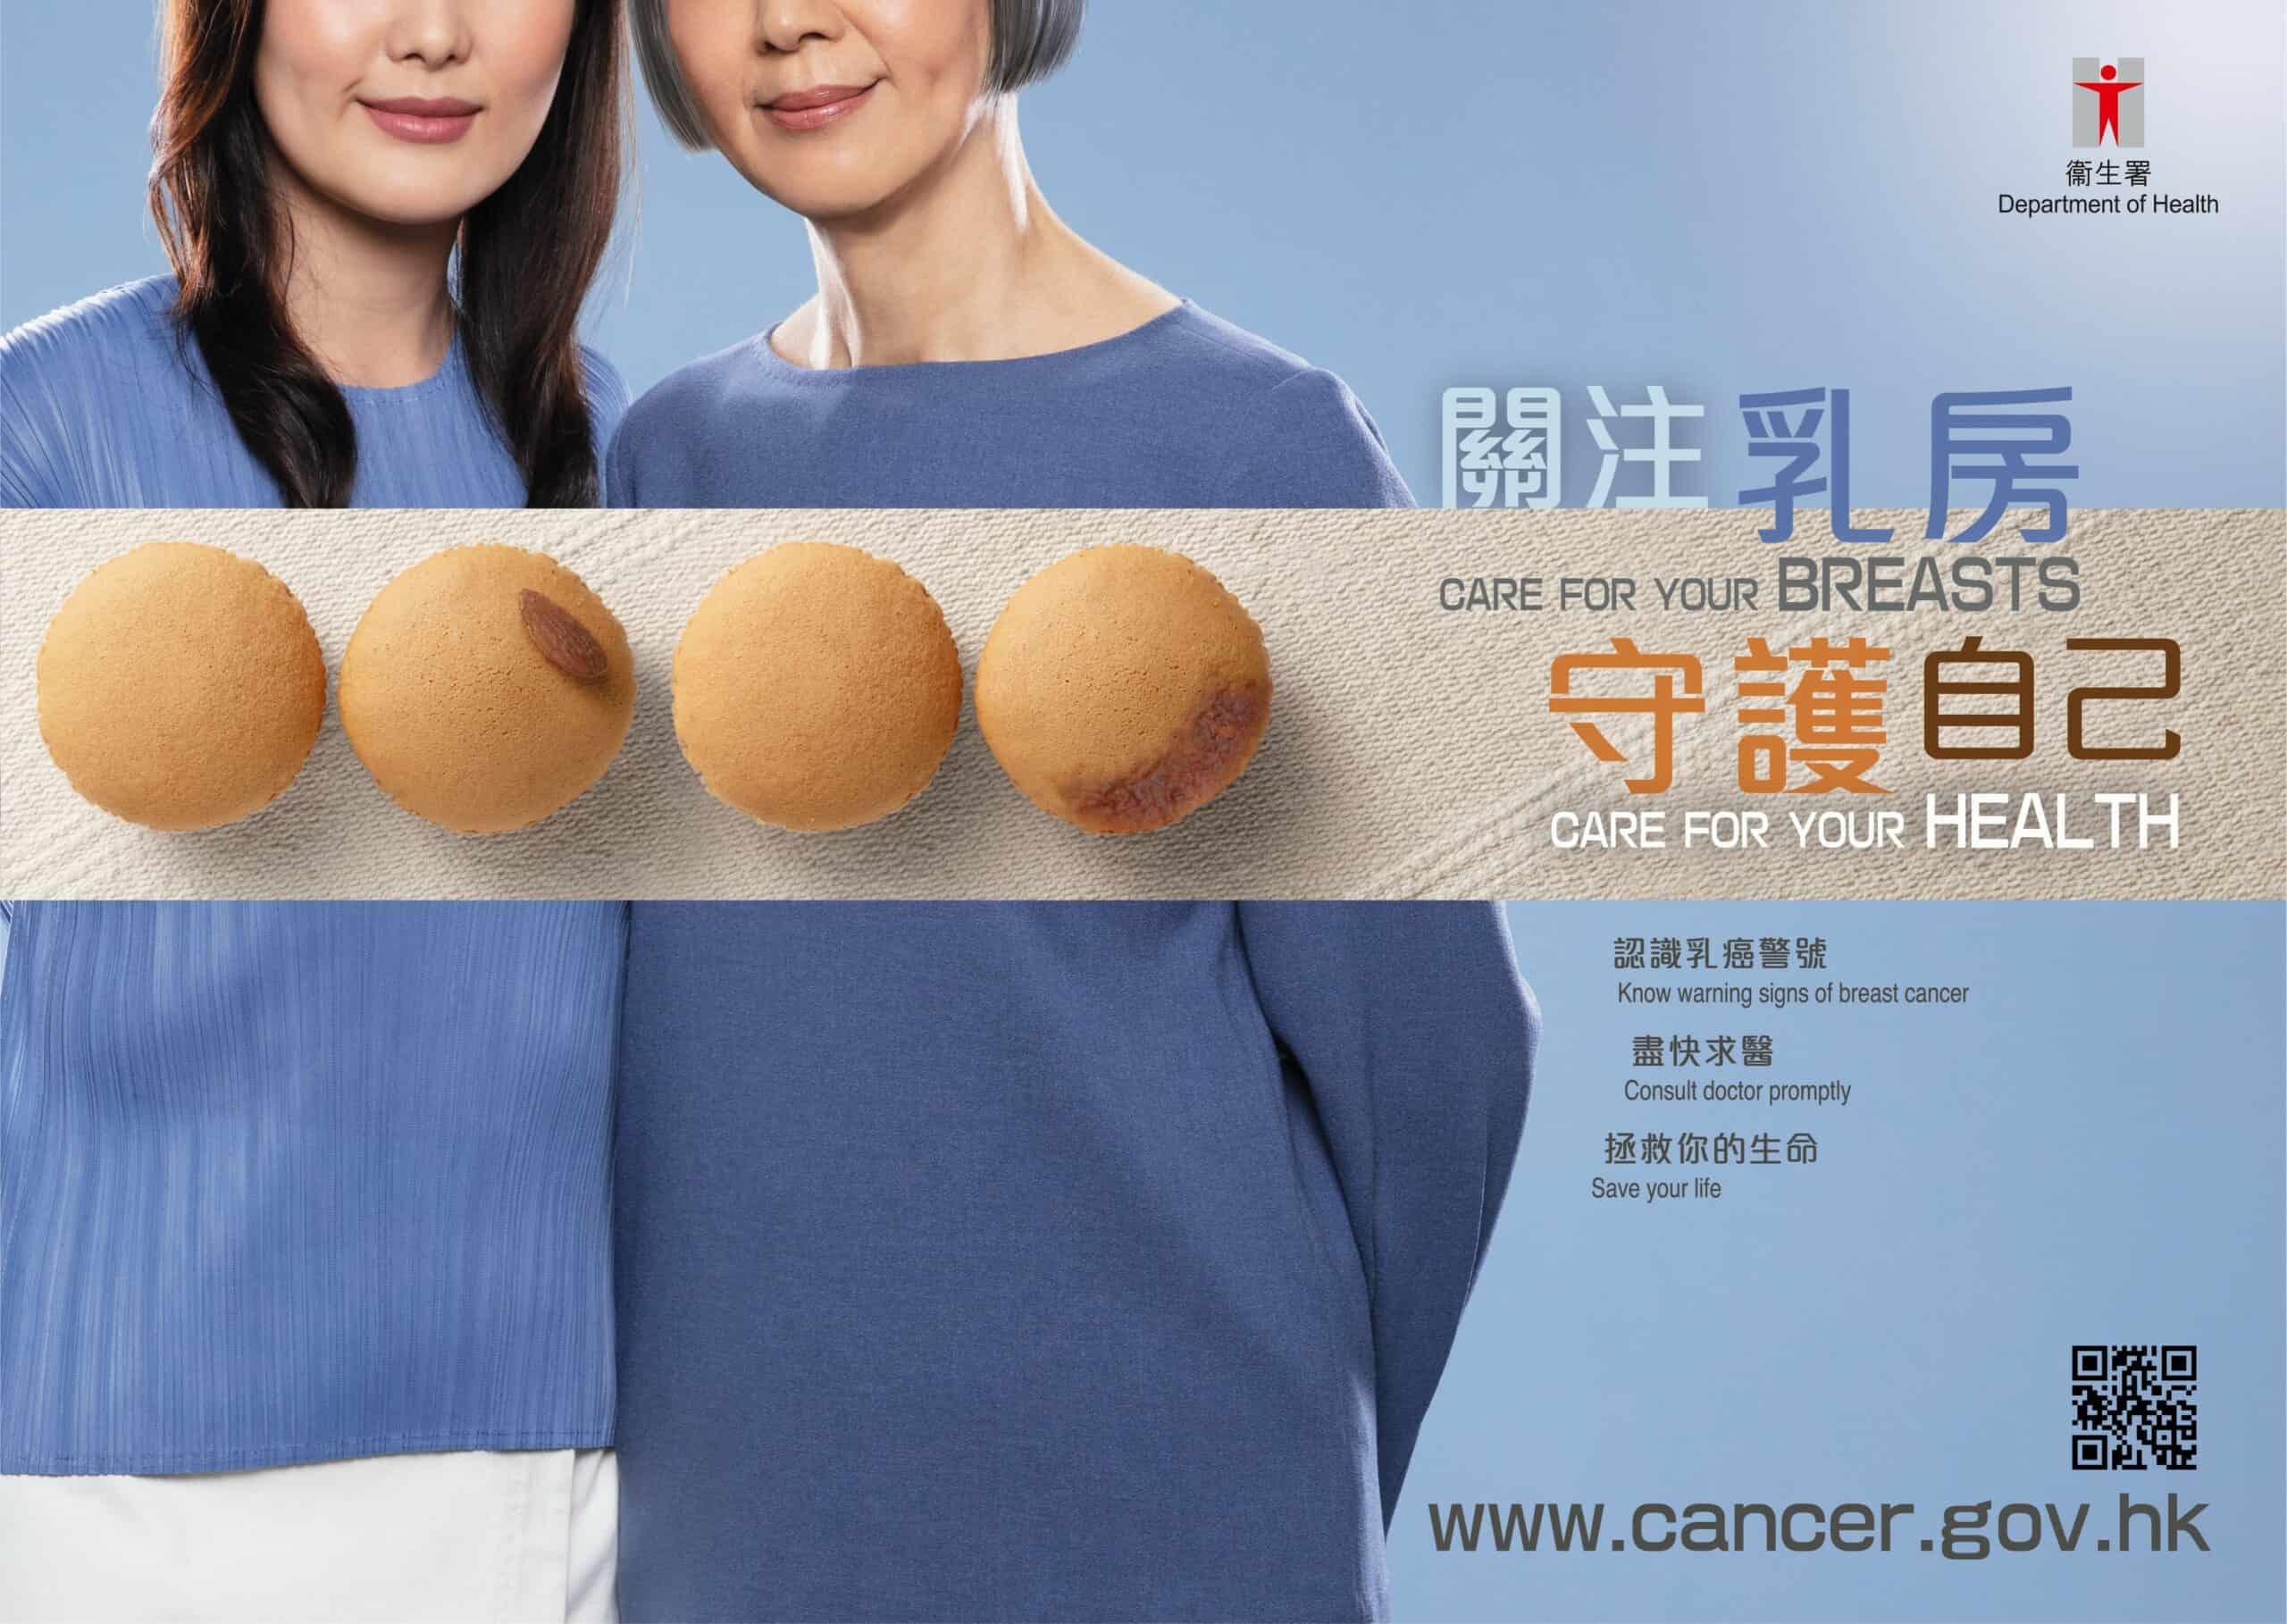 婦女應熟悉自己乳房的外表和觸感,也要多留意乳房有沒有出現不尋常的變化,盡快求醫,及早發現乳癌有助提高存活率。